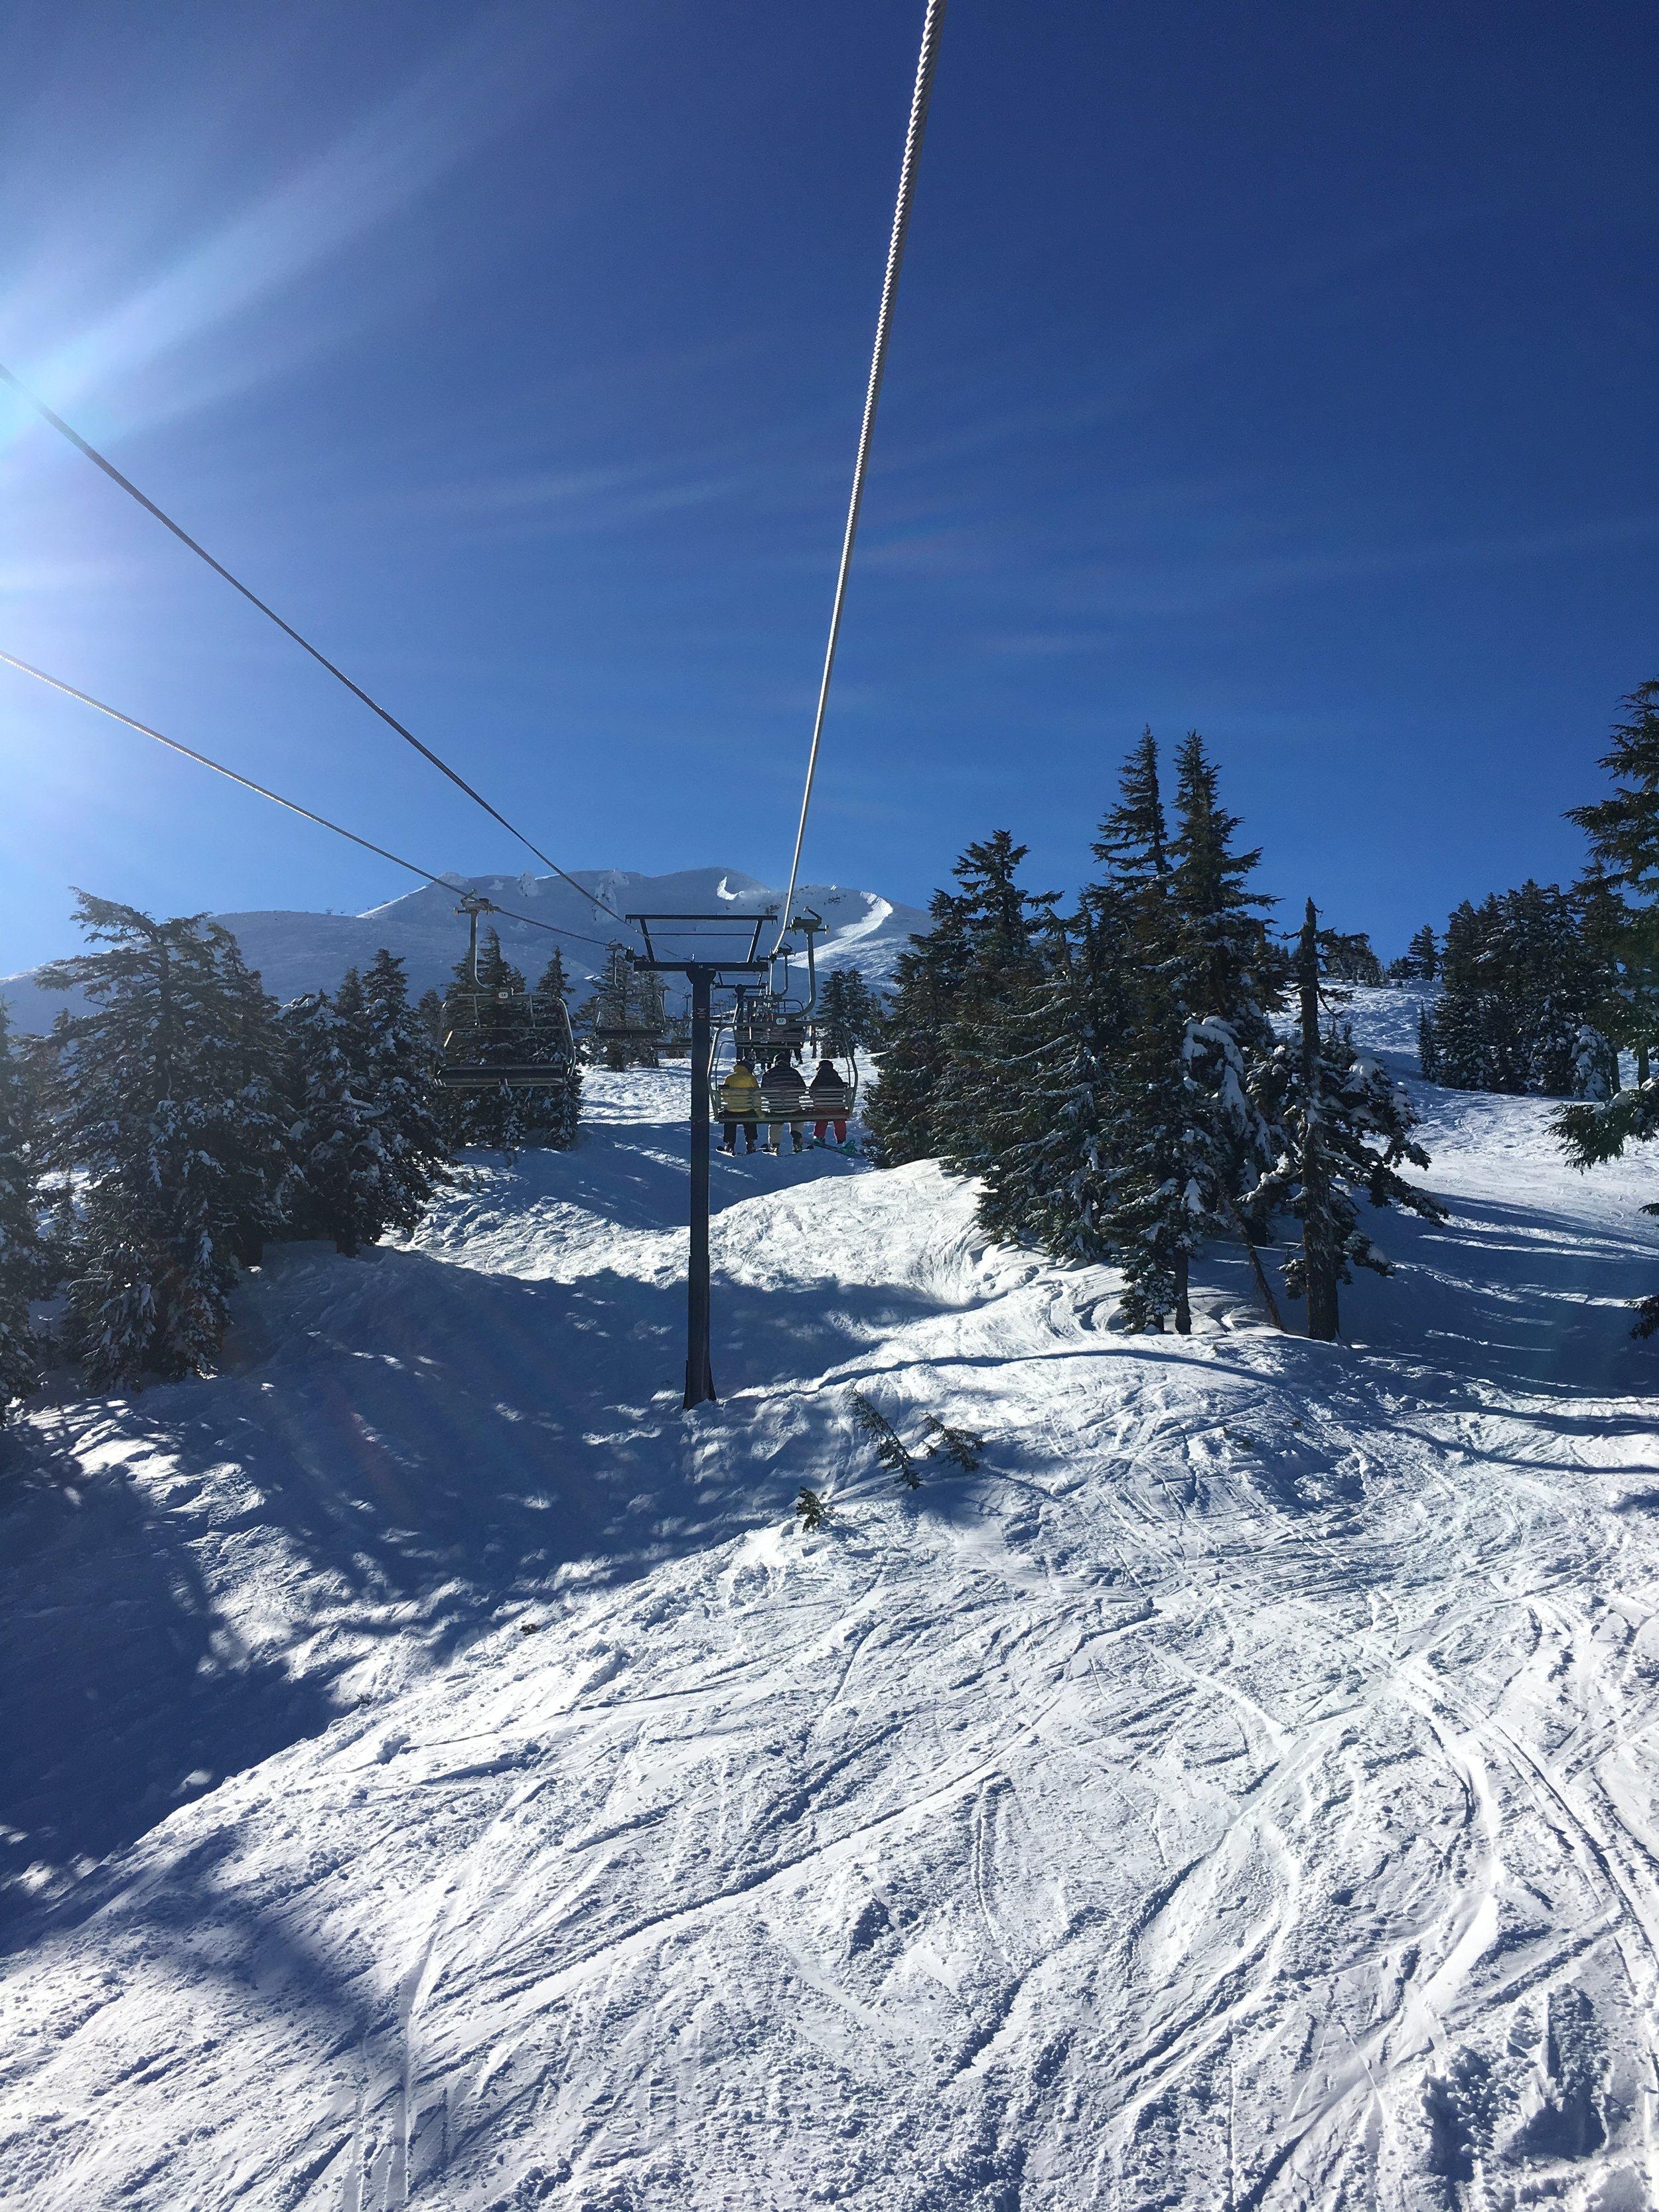 Ski Lift at Mt. Bachelor